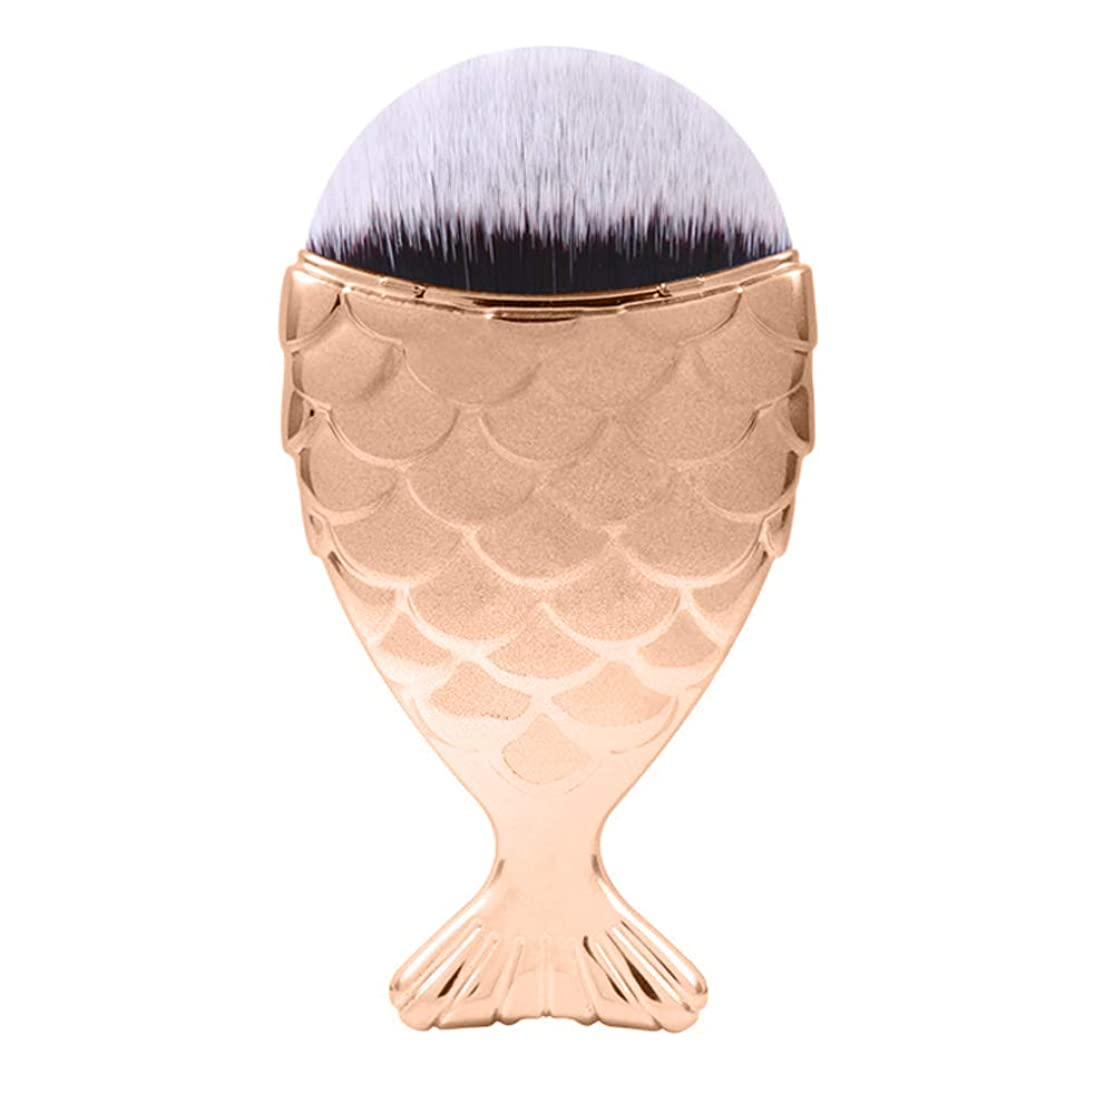 ありふれた納税者貝殻JFYJP 4PCS メイクブラシ 化粧ブラシ フェイスブラシ ブラシ 化粧筆 (Color : イエロー, Size : One Size)